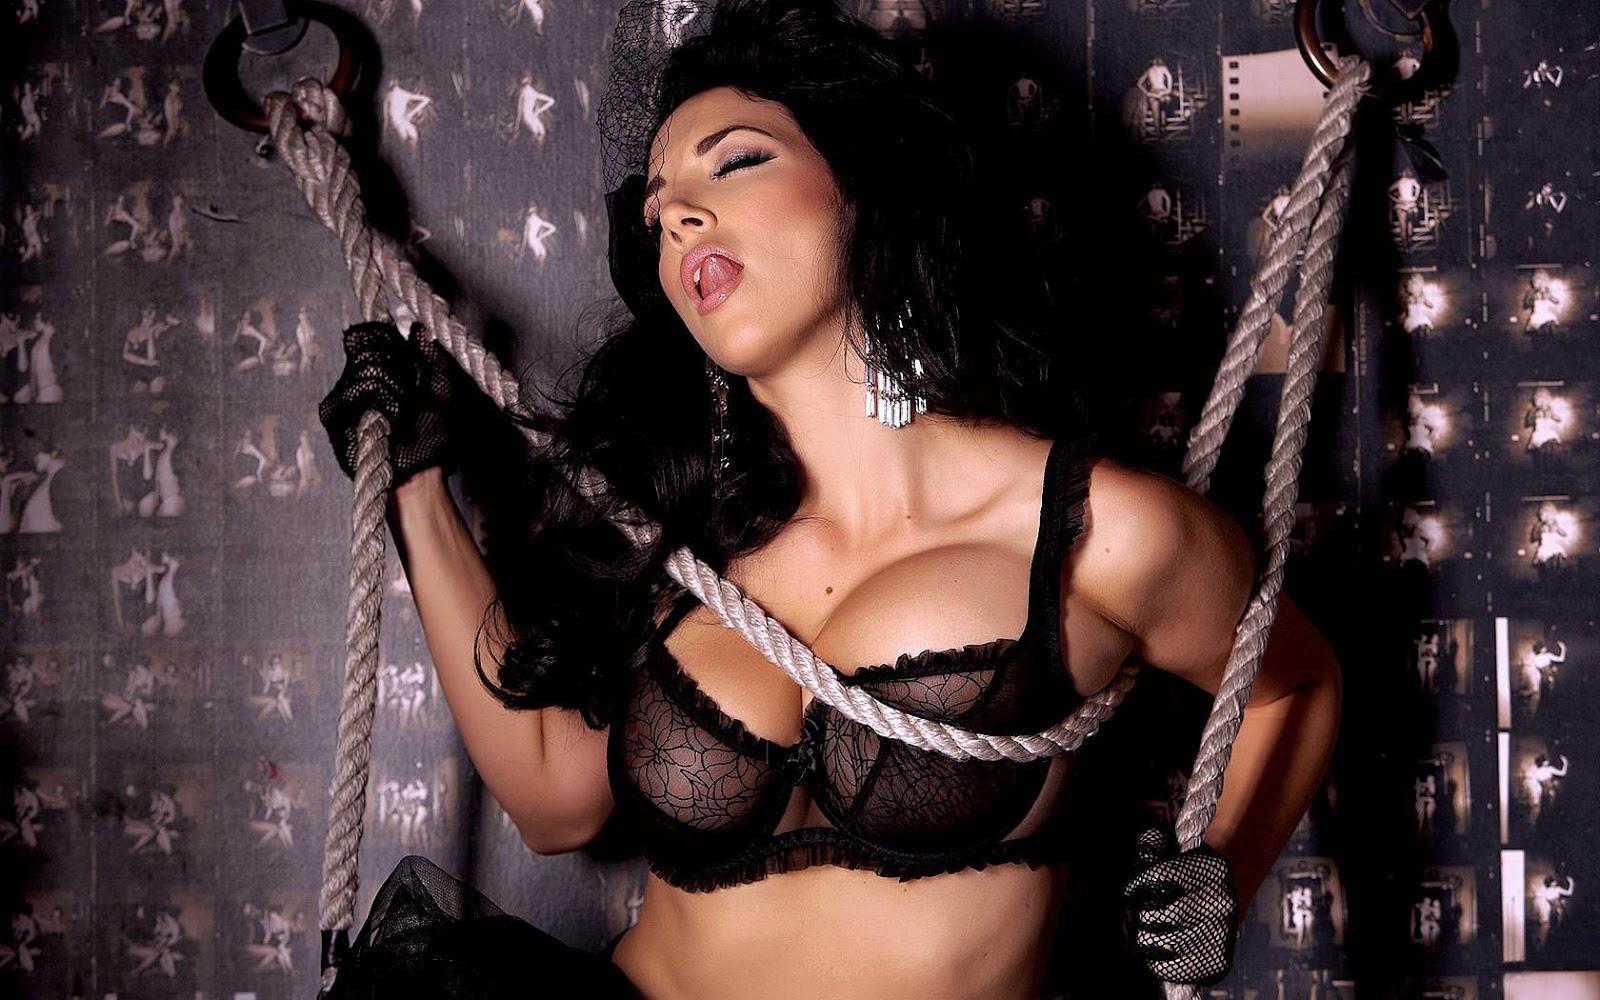 Batman fuck catwoman porn 3d erotica videos